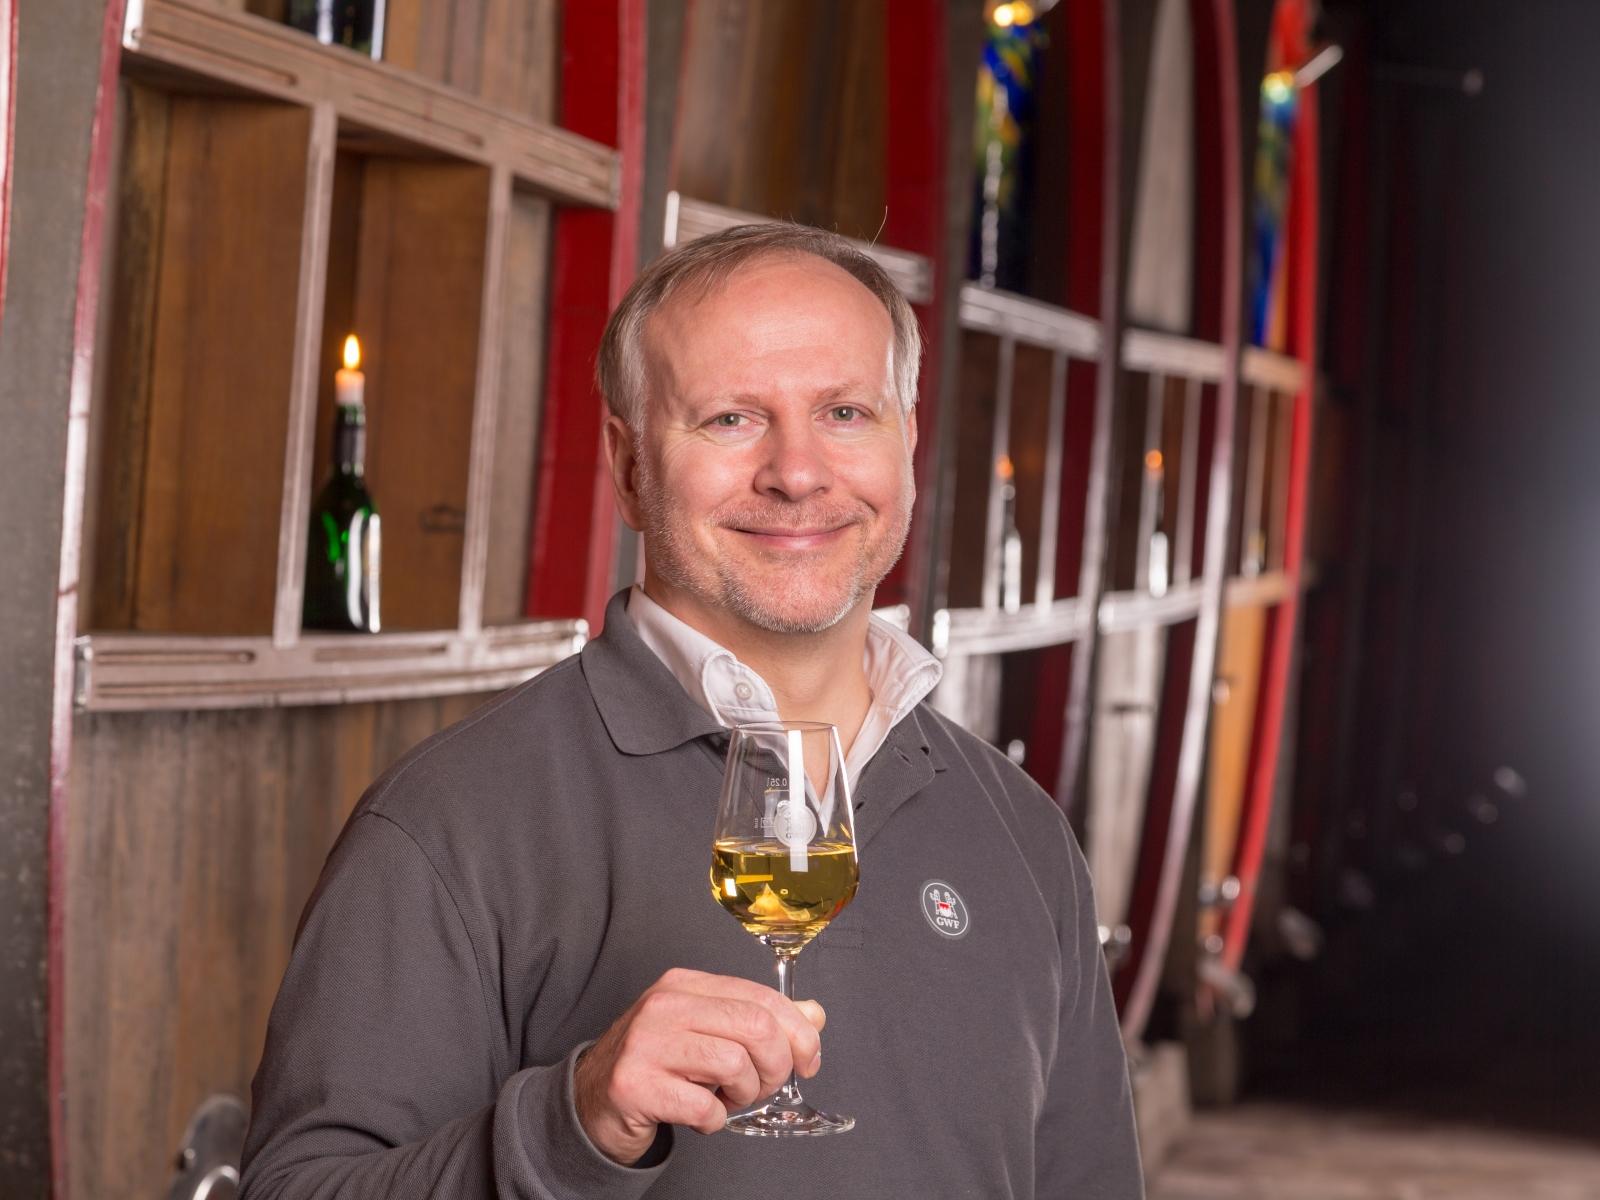 Portrait-Foto von Stephan Merz, dem Leiter des GWF Winzerkellers Hammelburg, vor Weinfässern im Gewölbekeller